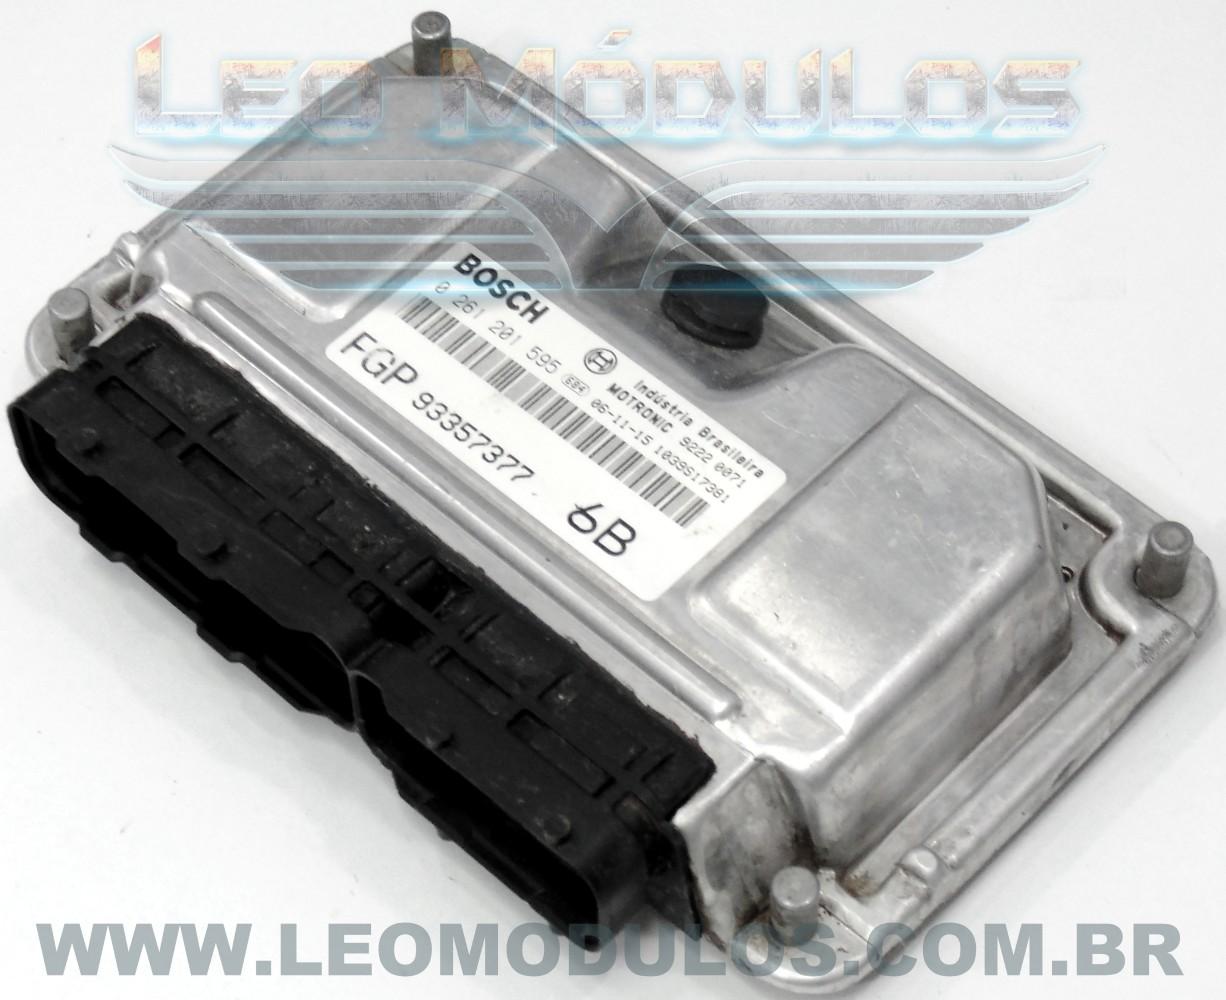 Módulo de injeção bosch ME7.9.6 - 0261201595 6B 93357377 - Chevrolet Vectra 2.0 8V Flex - 0 261 201 595 - Leo Módulos